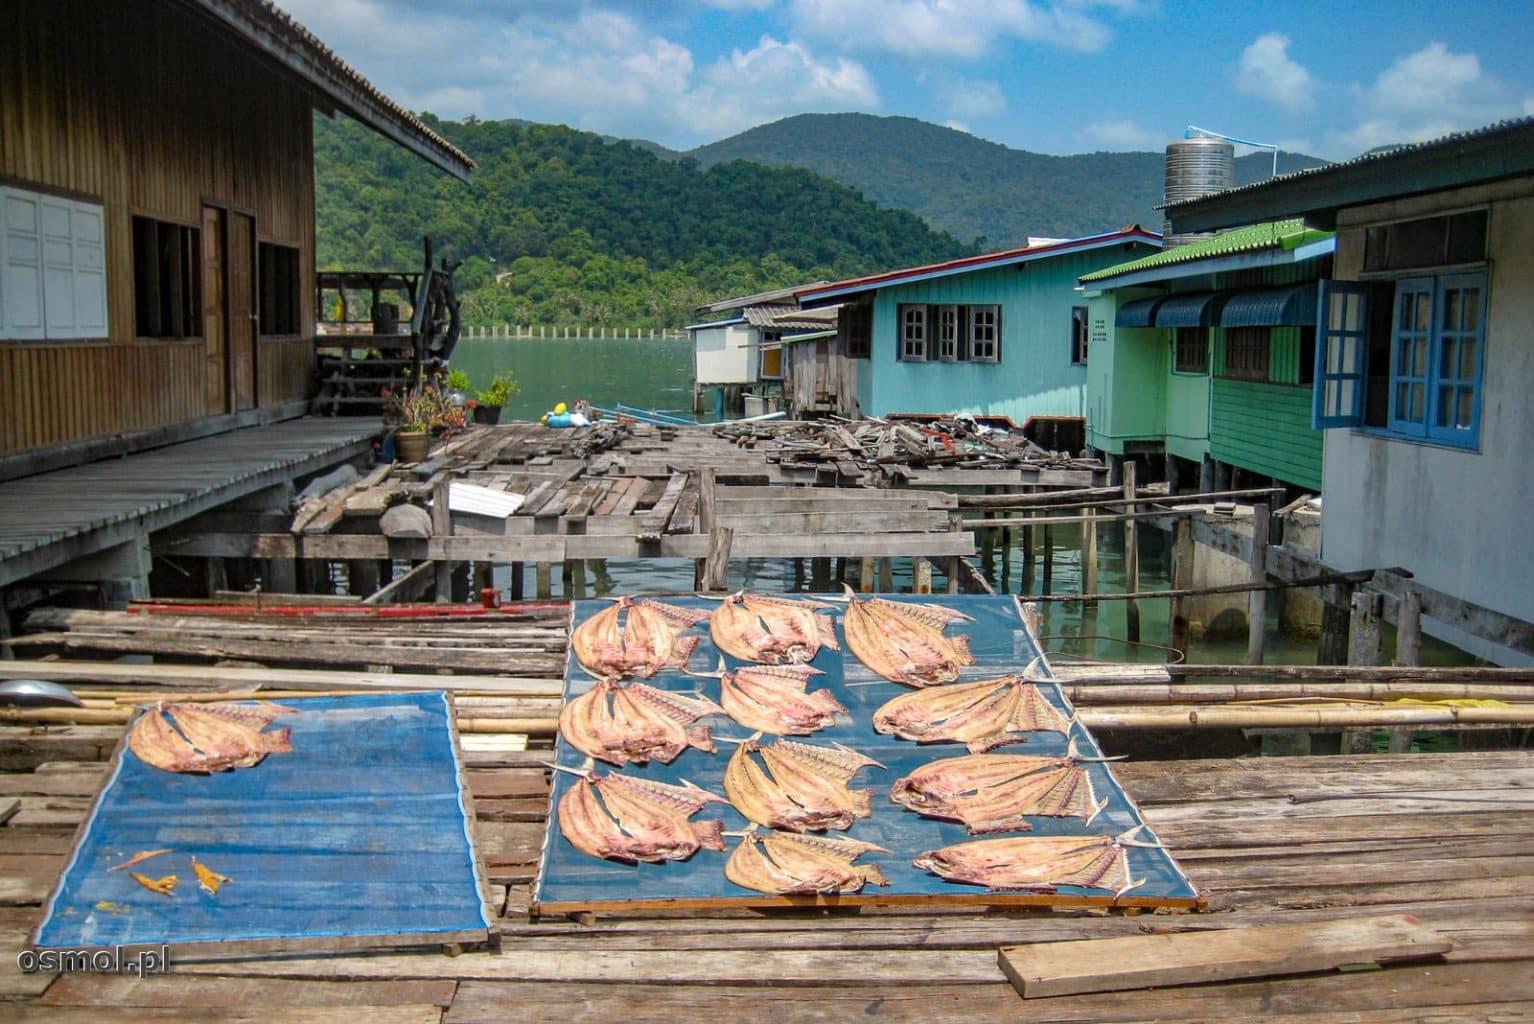 Suszenie ryb w Tajlandii